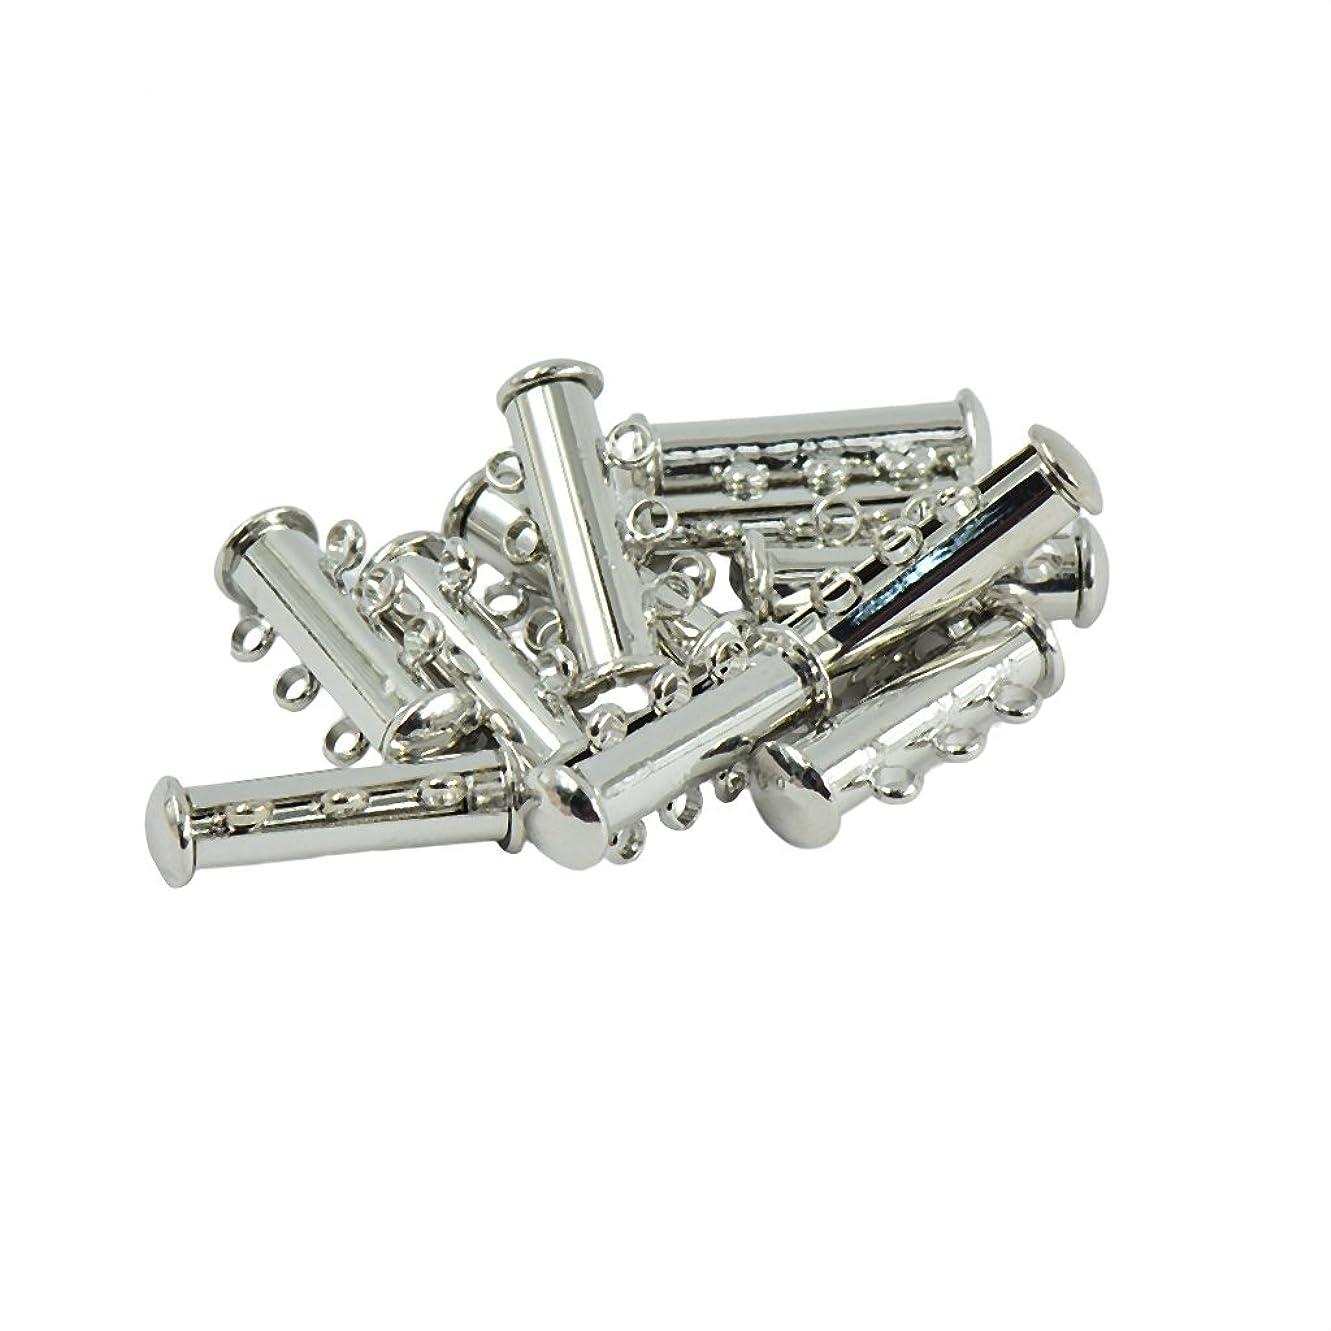 贅沢なまつげアスレチック10ピース 真鍮 3ストランド 磁気クラスプ スライド チューブ ロック 使いやすい 2色選ぶ - シルバー